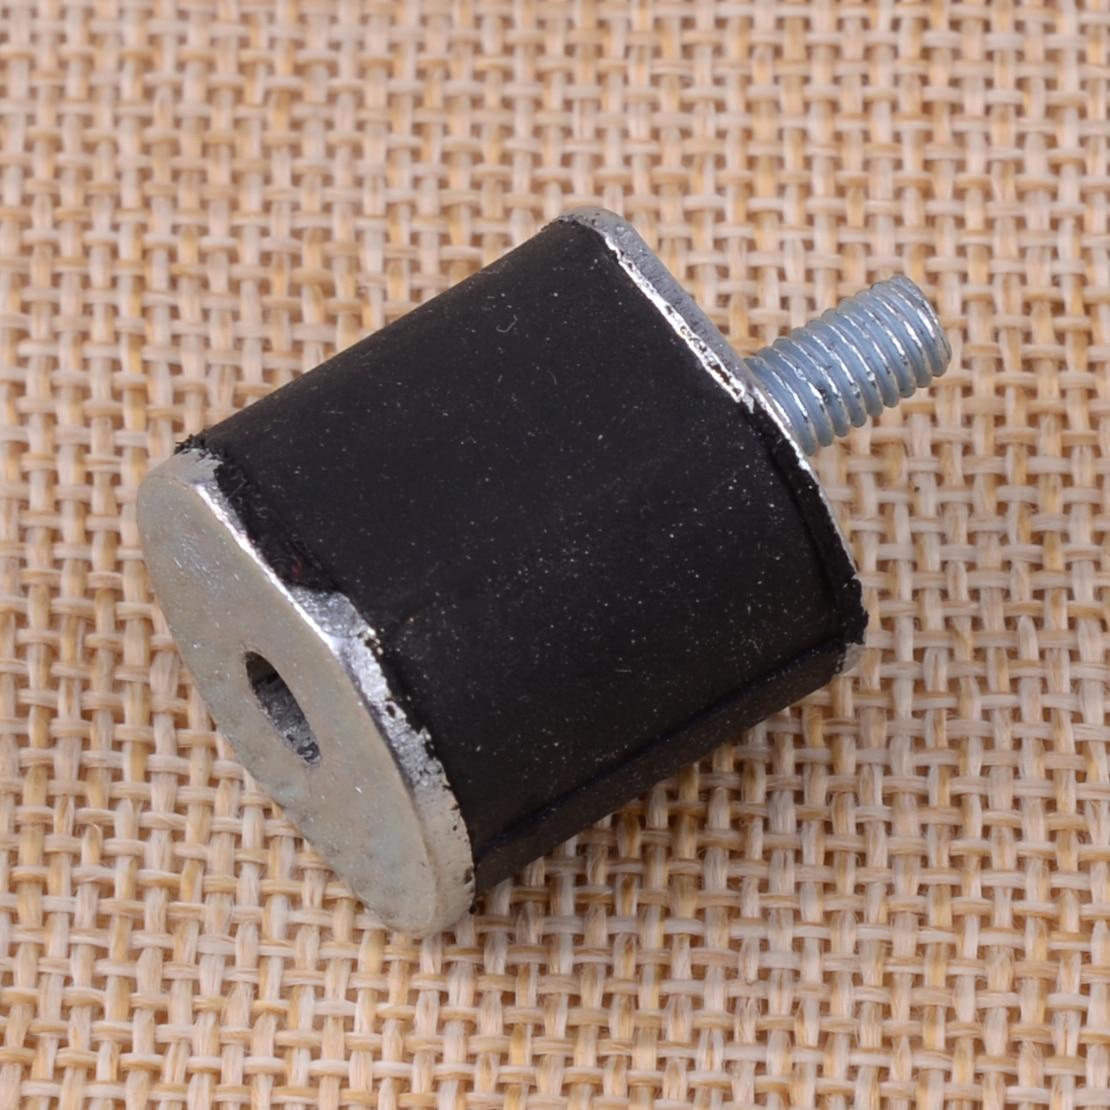 LETAOSK черный стальной кольцевой буфер 1116 790 9600 подходит для Stihl 010 011 012 015 020T HS60 HS61 MS200